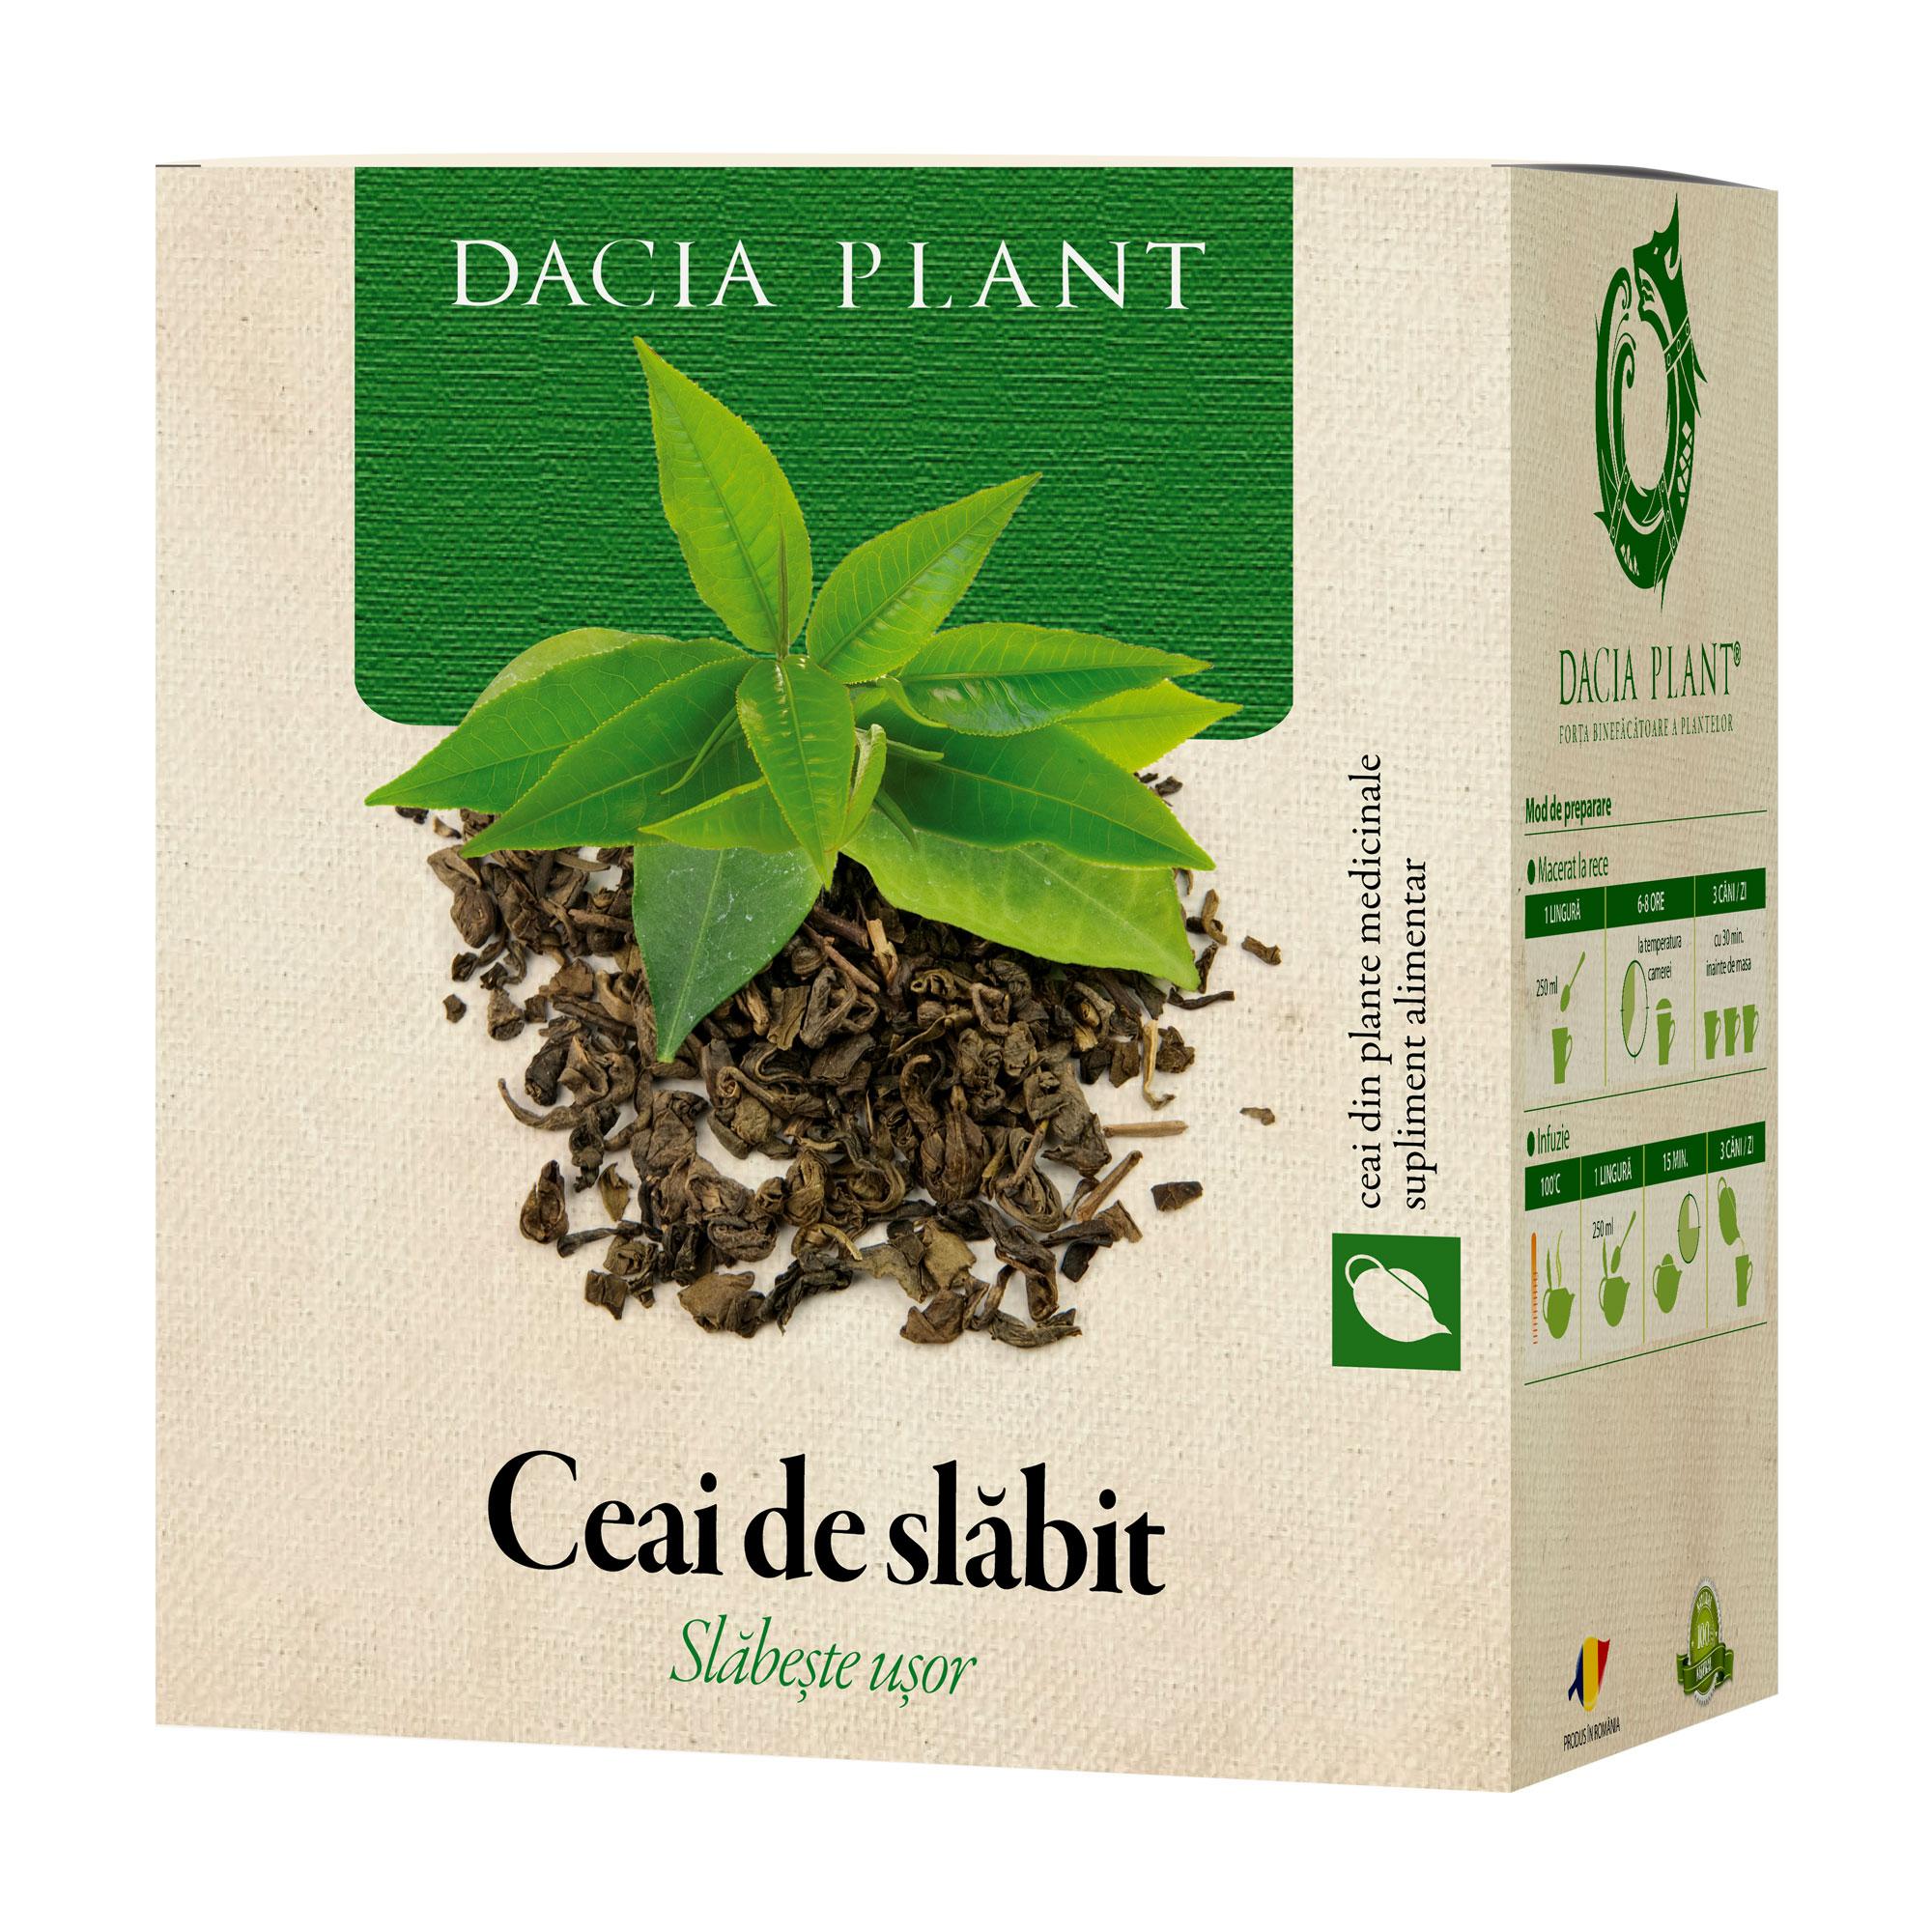 Ceai de slăbit, 50g, Dacia Plant